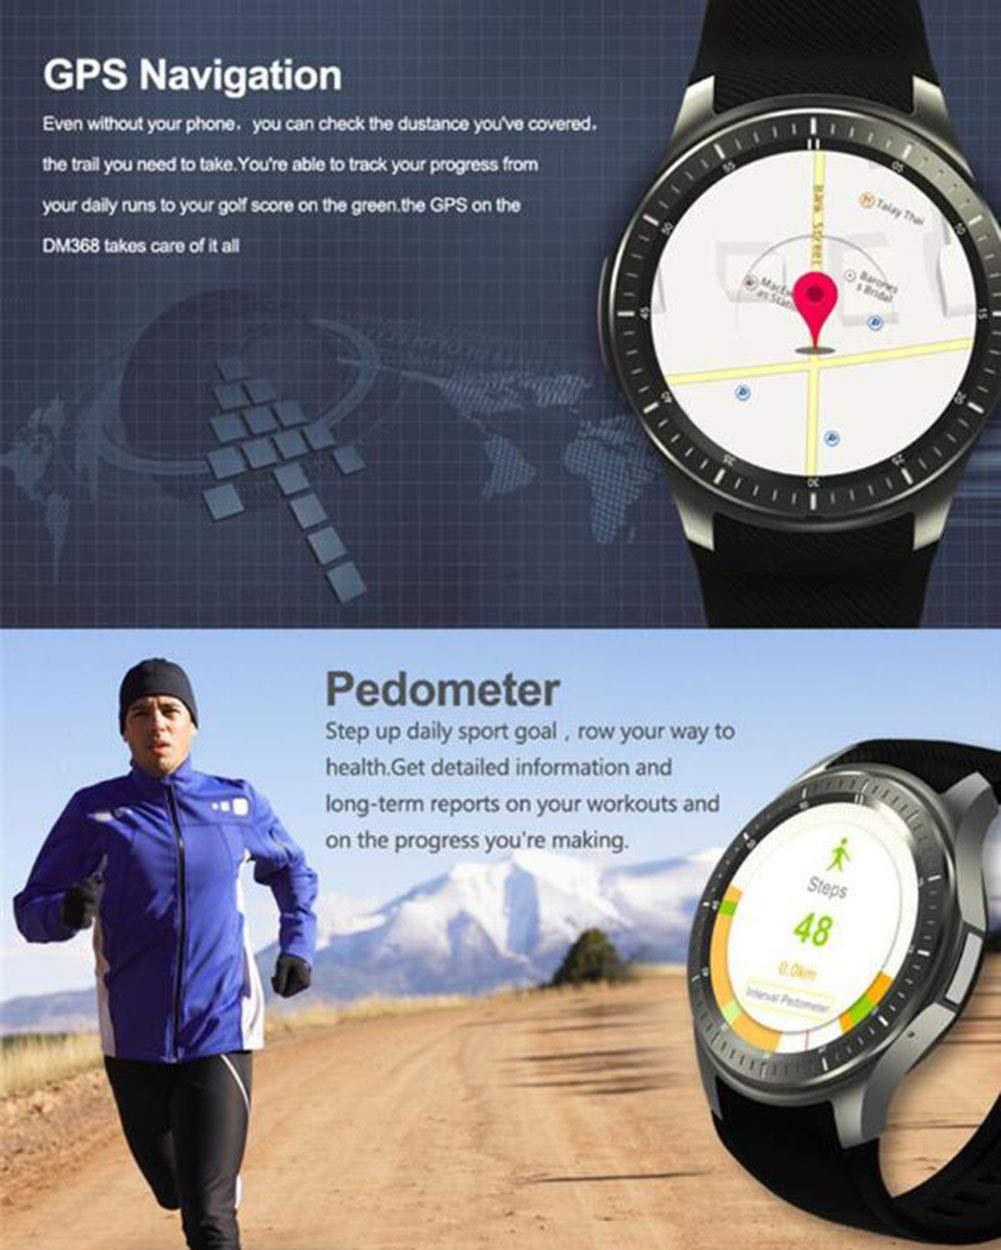 WYXIN Smartwatch DM368 3G WiFi Android 5.1 - KingWare Reloj ...